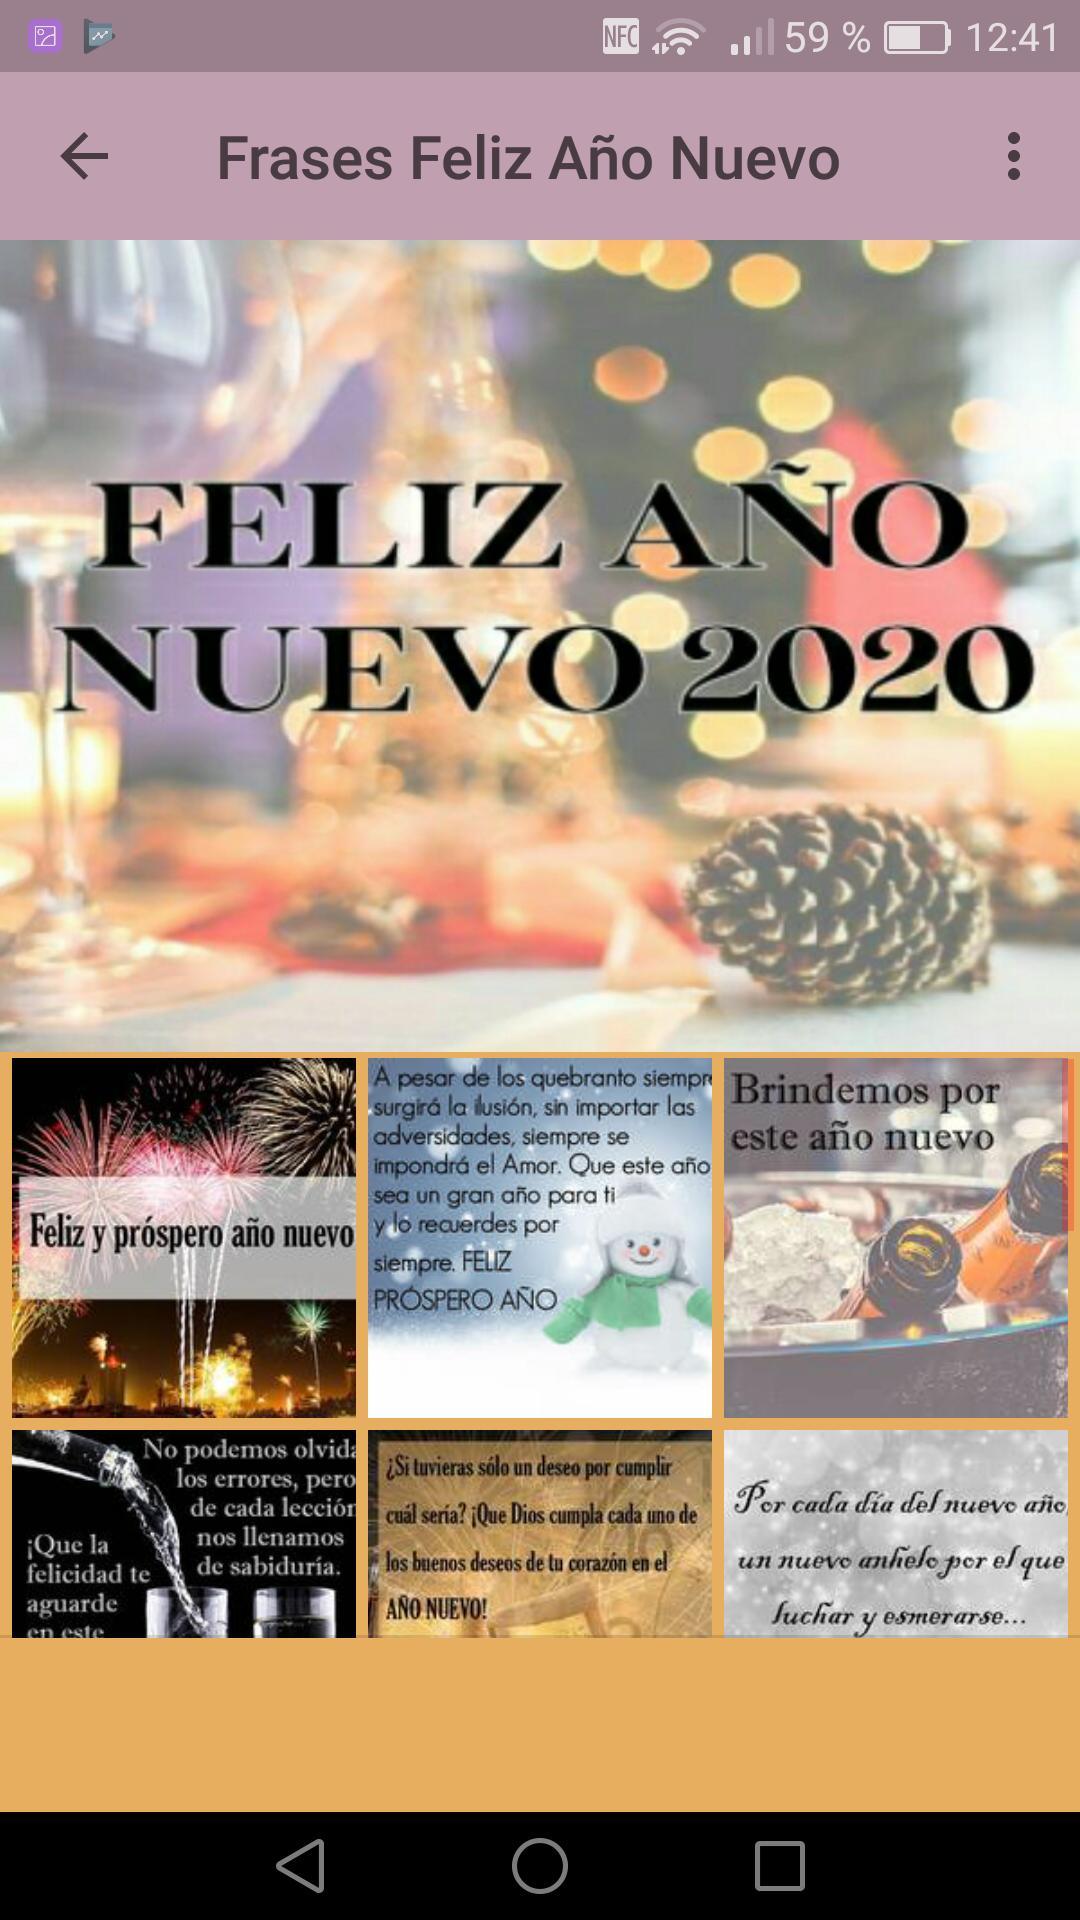 Frases De Feliz Año Nuevo 2020 For Android Apk Download